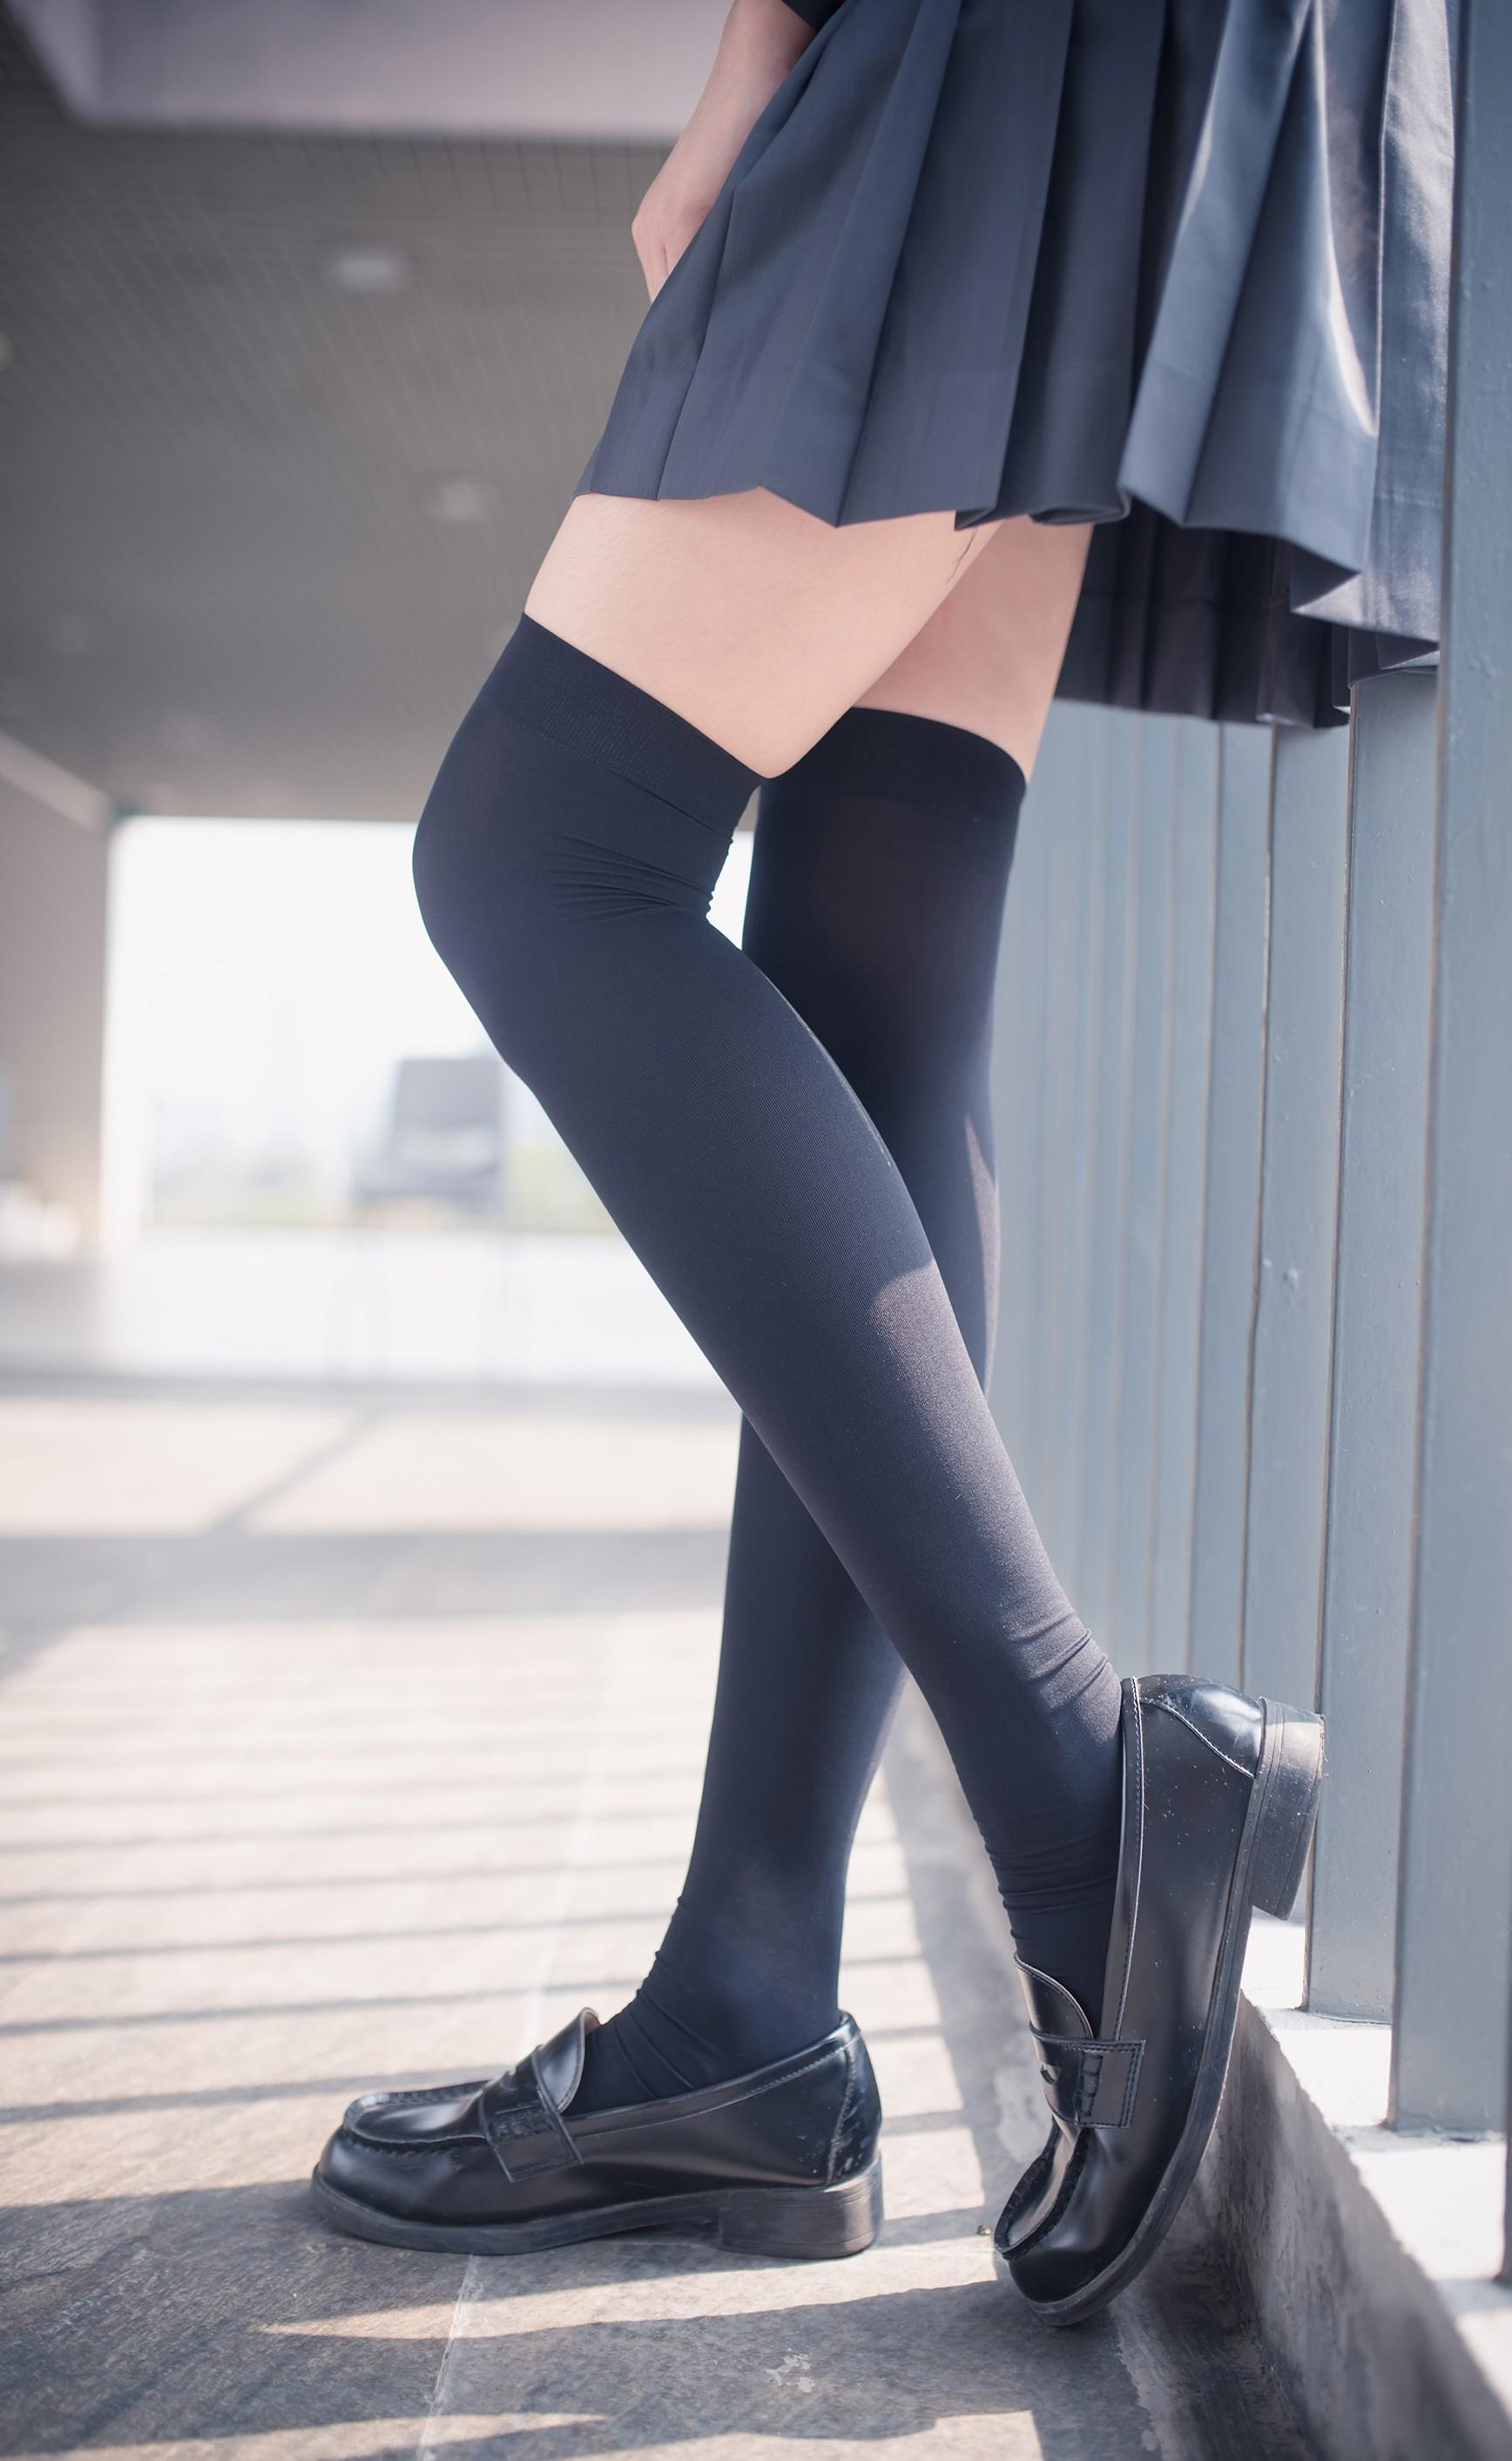 【兔玩映画】黑丝过膝袜 兔玩映画 第9张